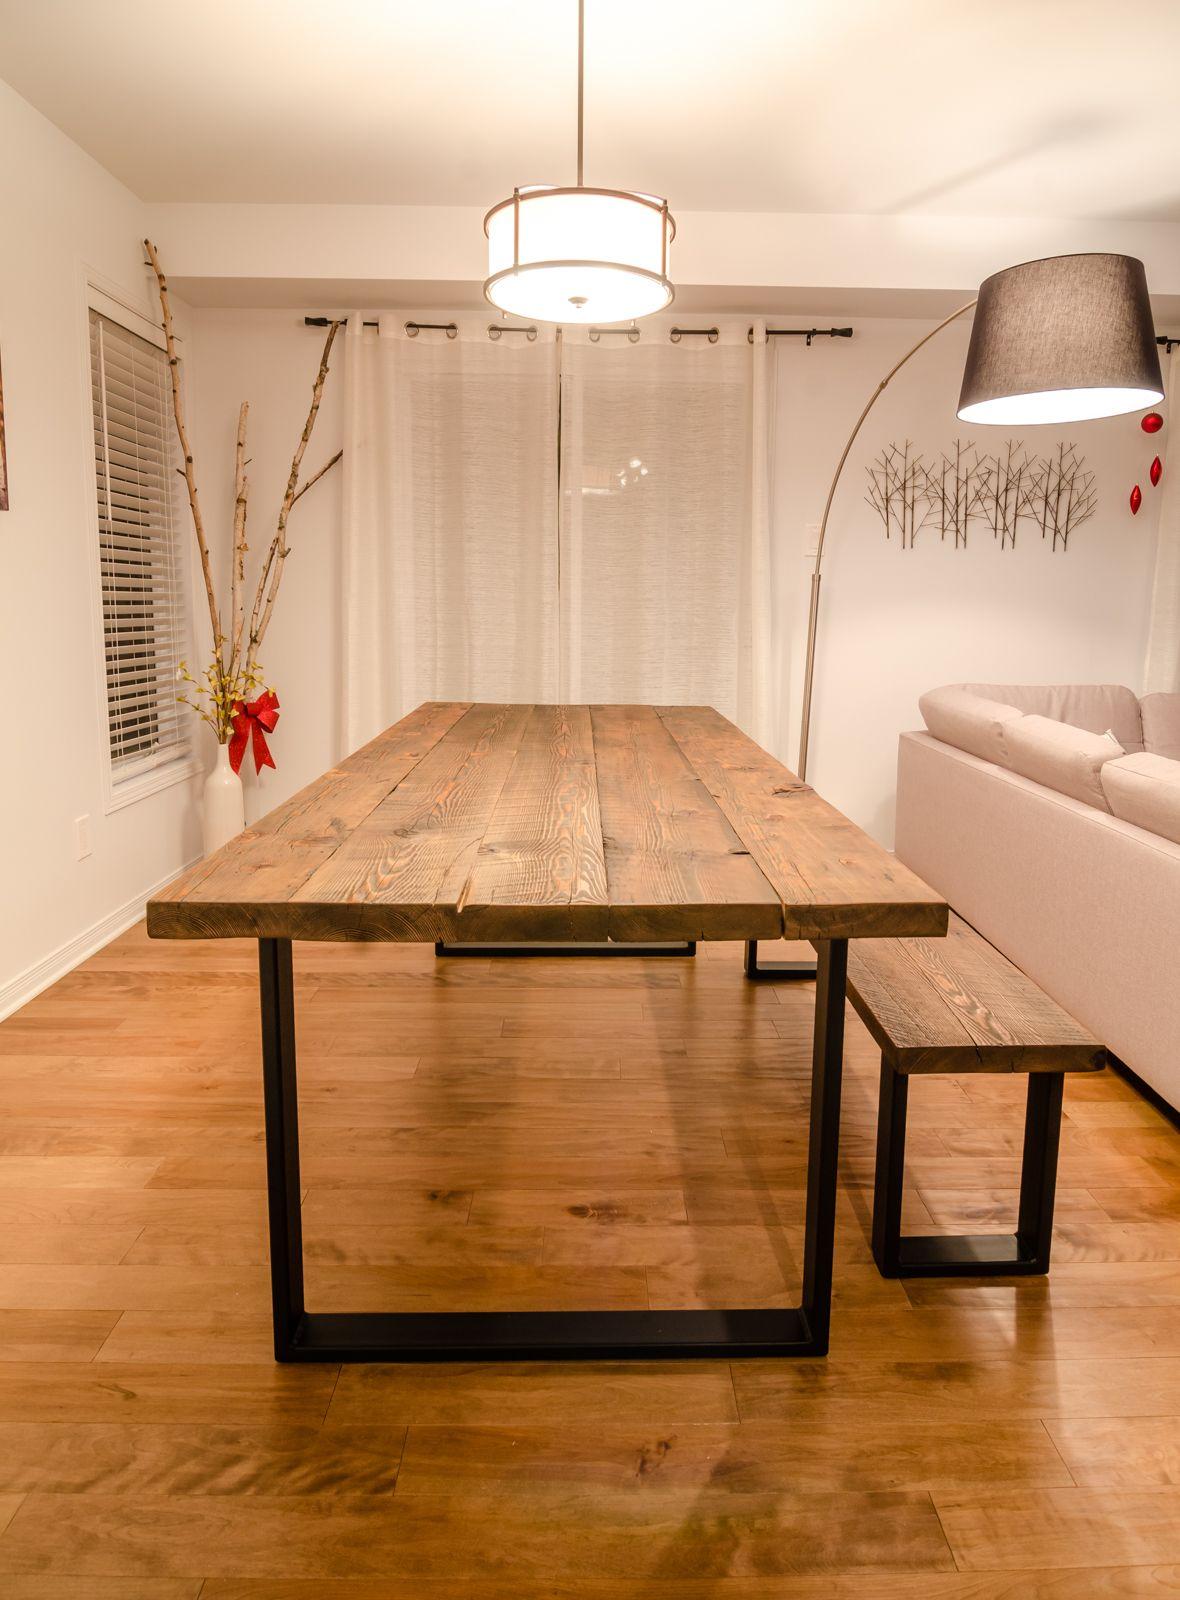 Reclaimed Wood u0026 Steel U Shape Table and